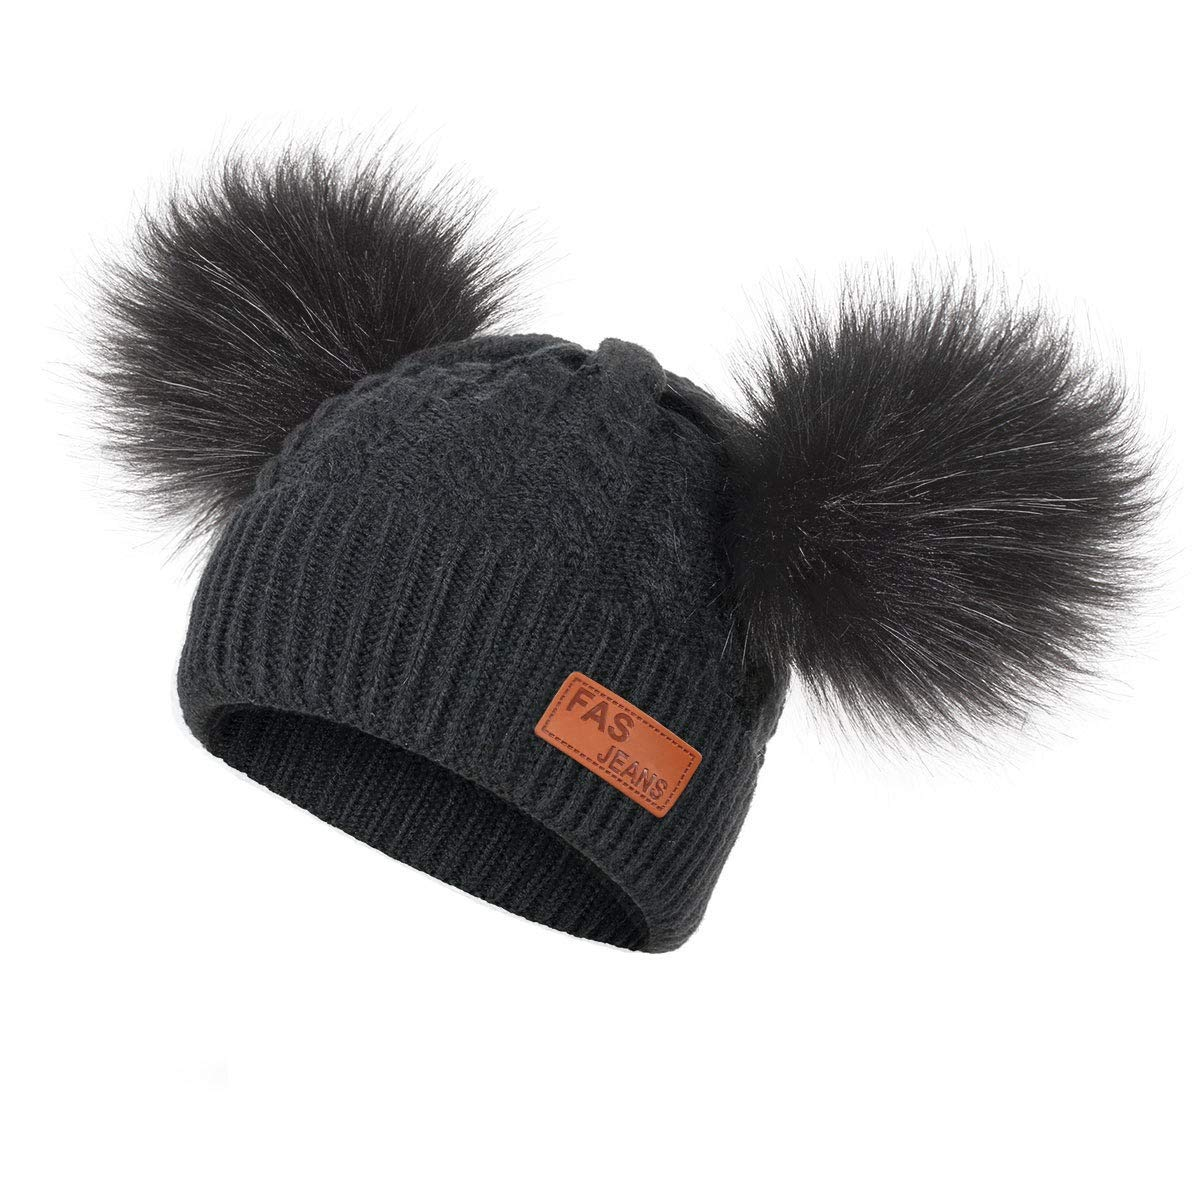 Dark Area Baby Winter Warm Strickm/üTze Kleinkind Kind H/äKeln Hairball Beanie Cap